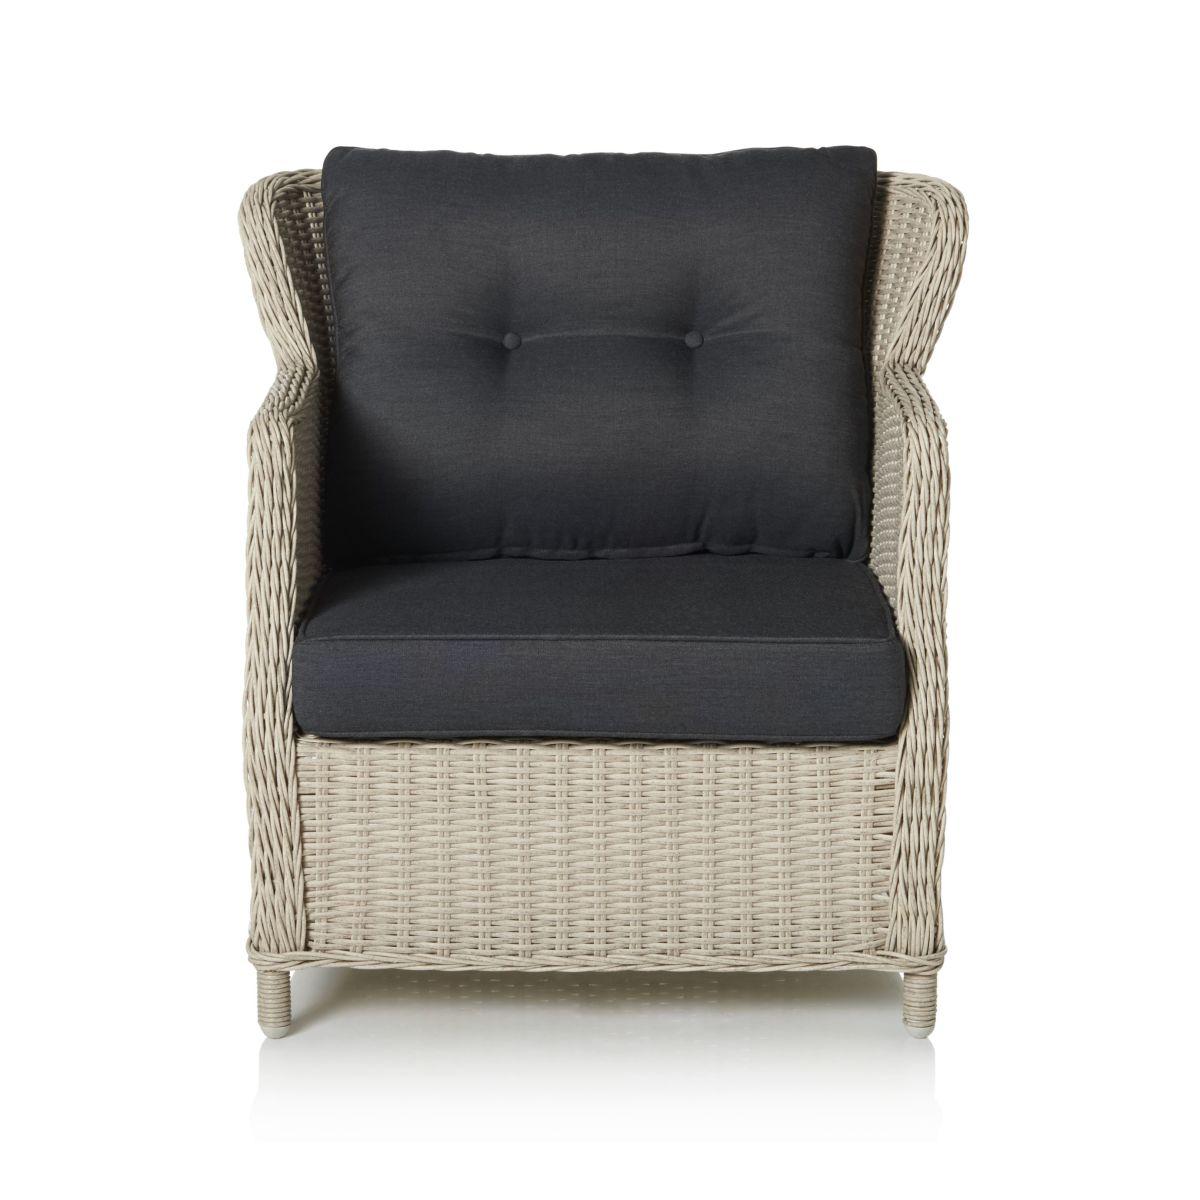 Outdoor-Sessel, inkl. Auflagen, Kunstrattan